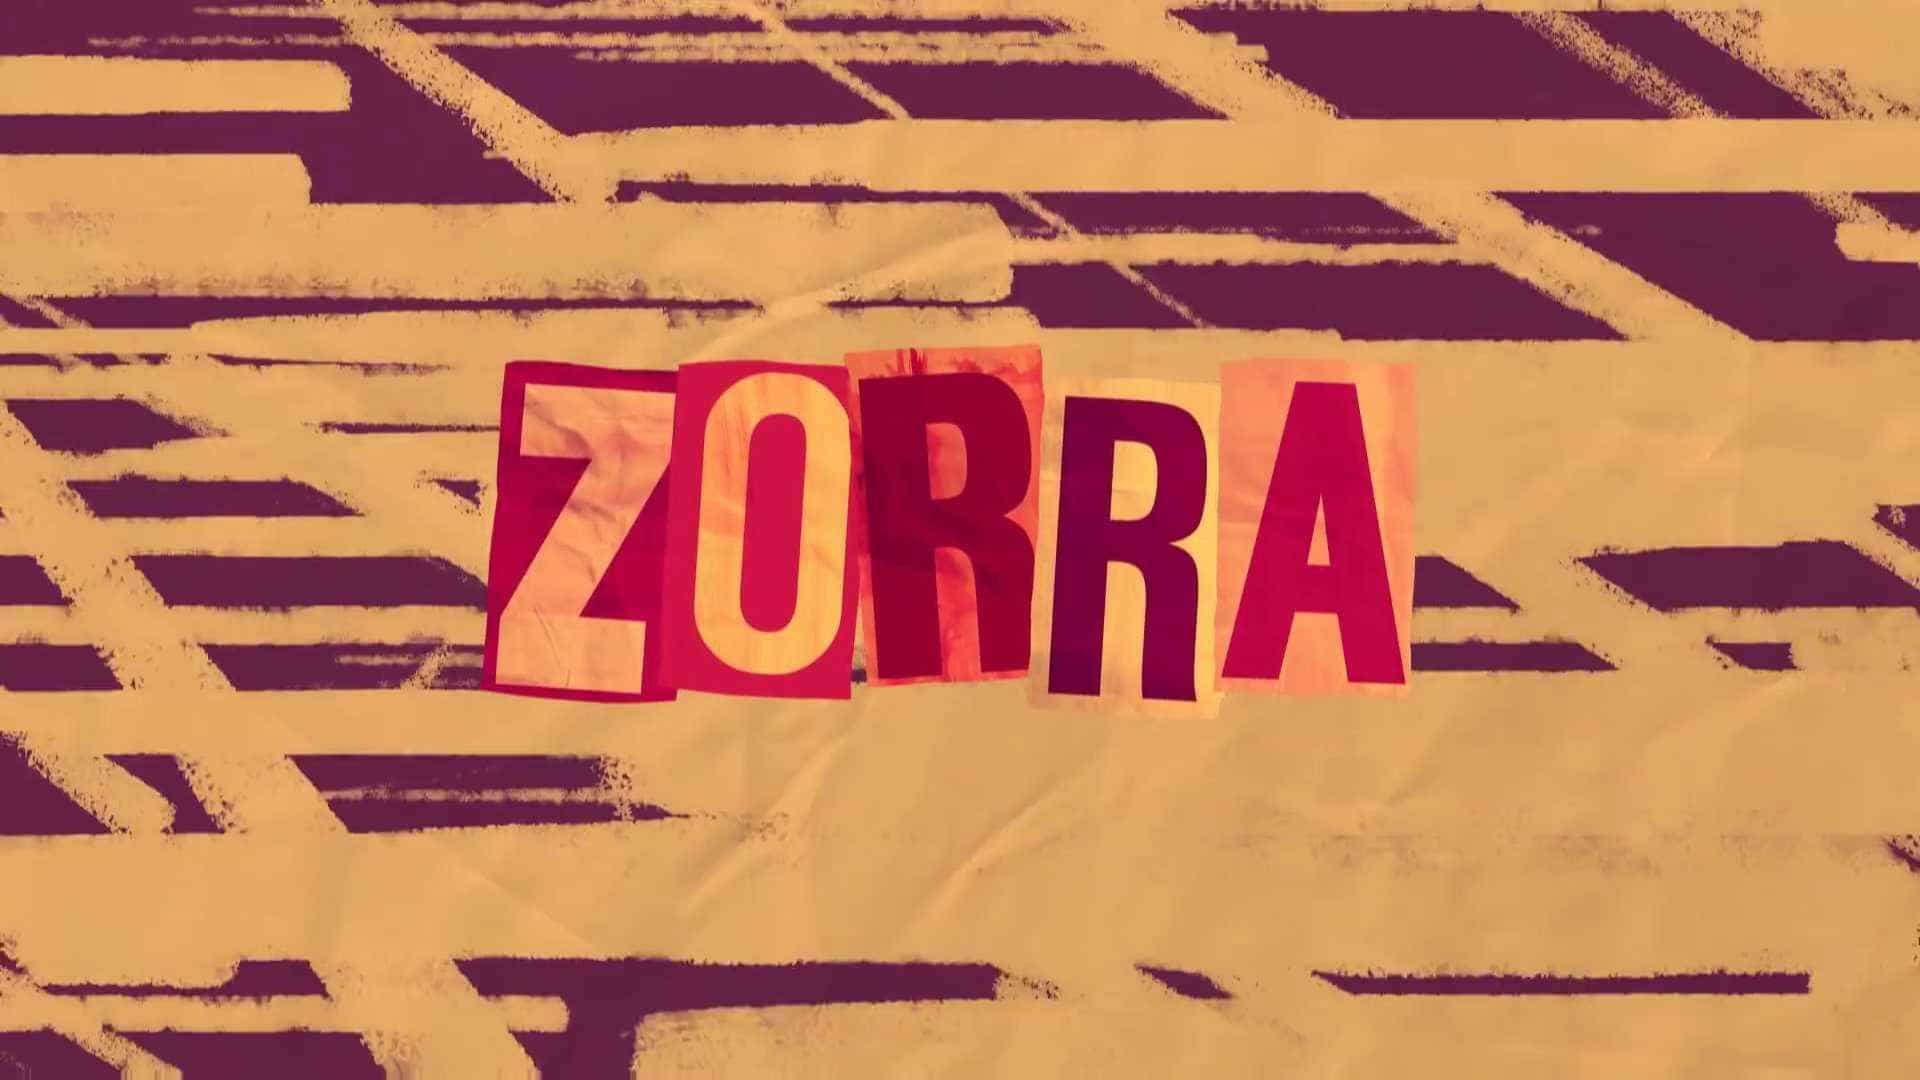 Globo volta gravar o Zorra com medidas de segurança